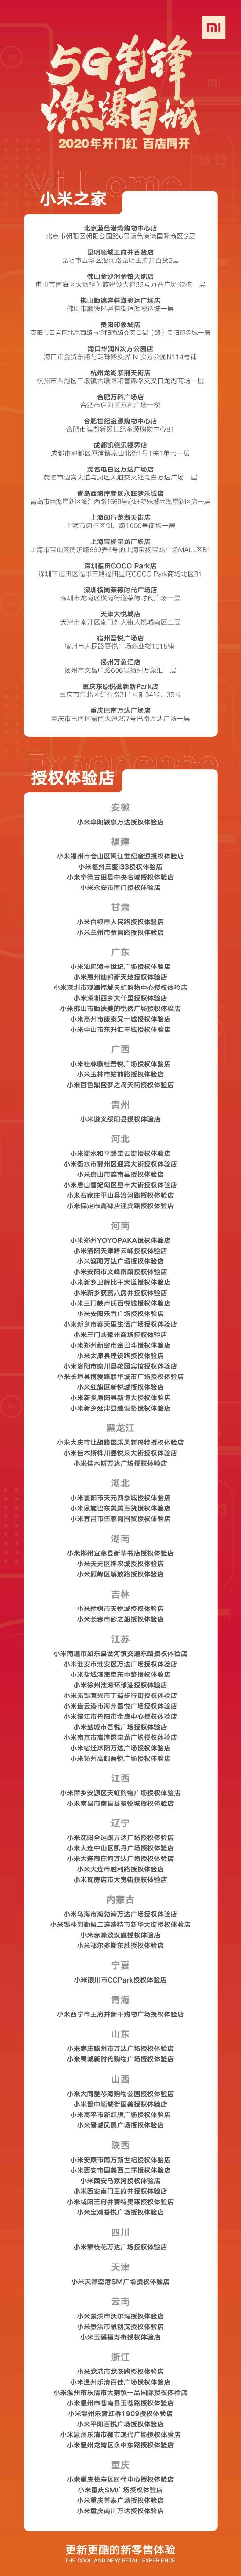 卢伟冰:百店同开太火爆,RedmiK305G正在抓紧备货